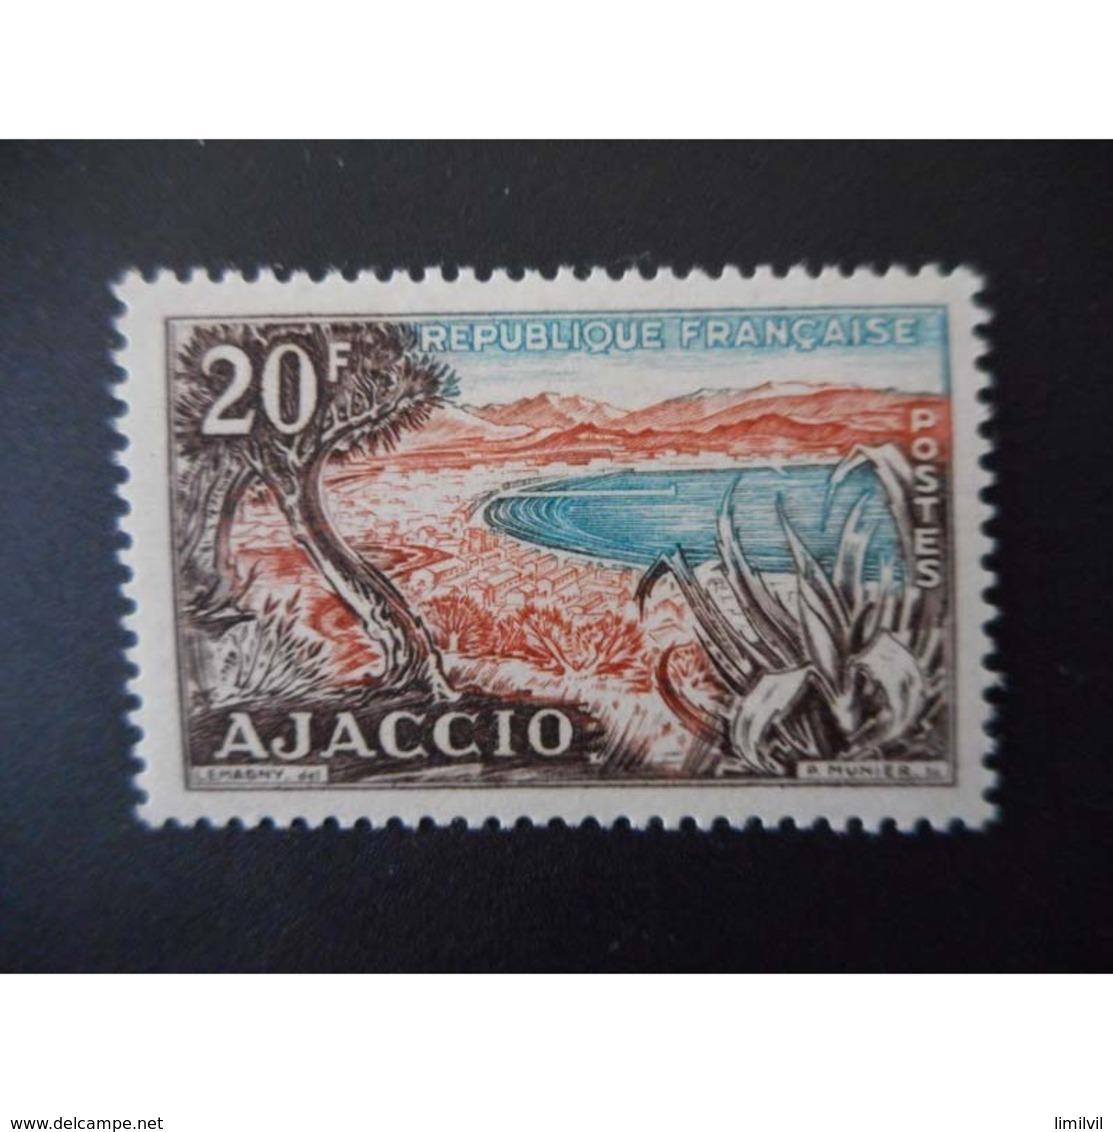 Timbre N° 981 Neuf ** - Baie D'Ajaccio (Corse) - Frankreich